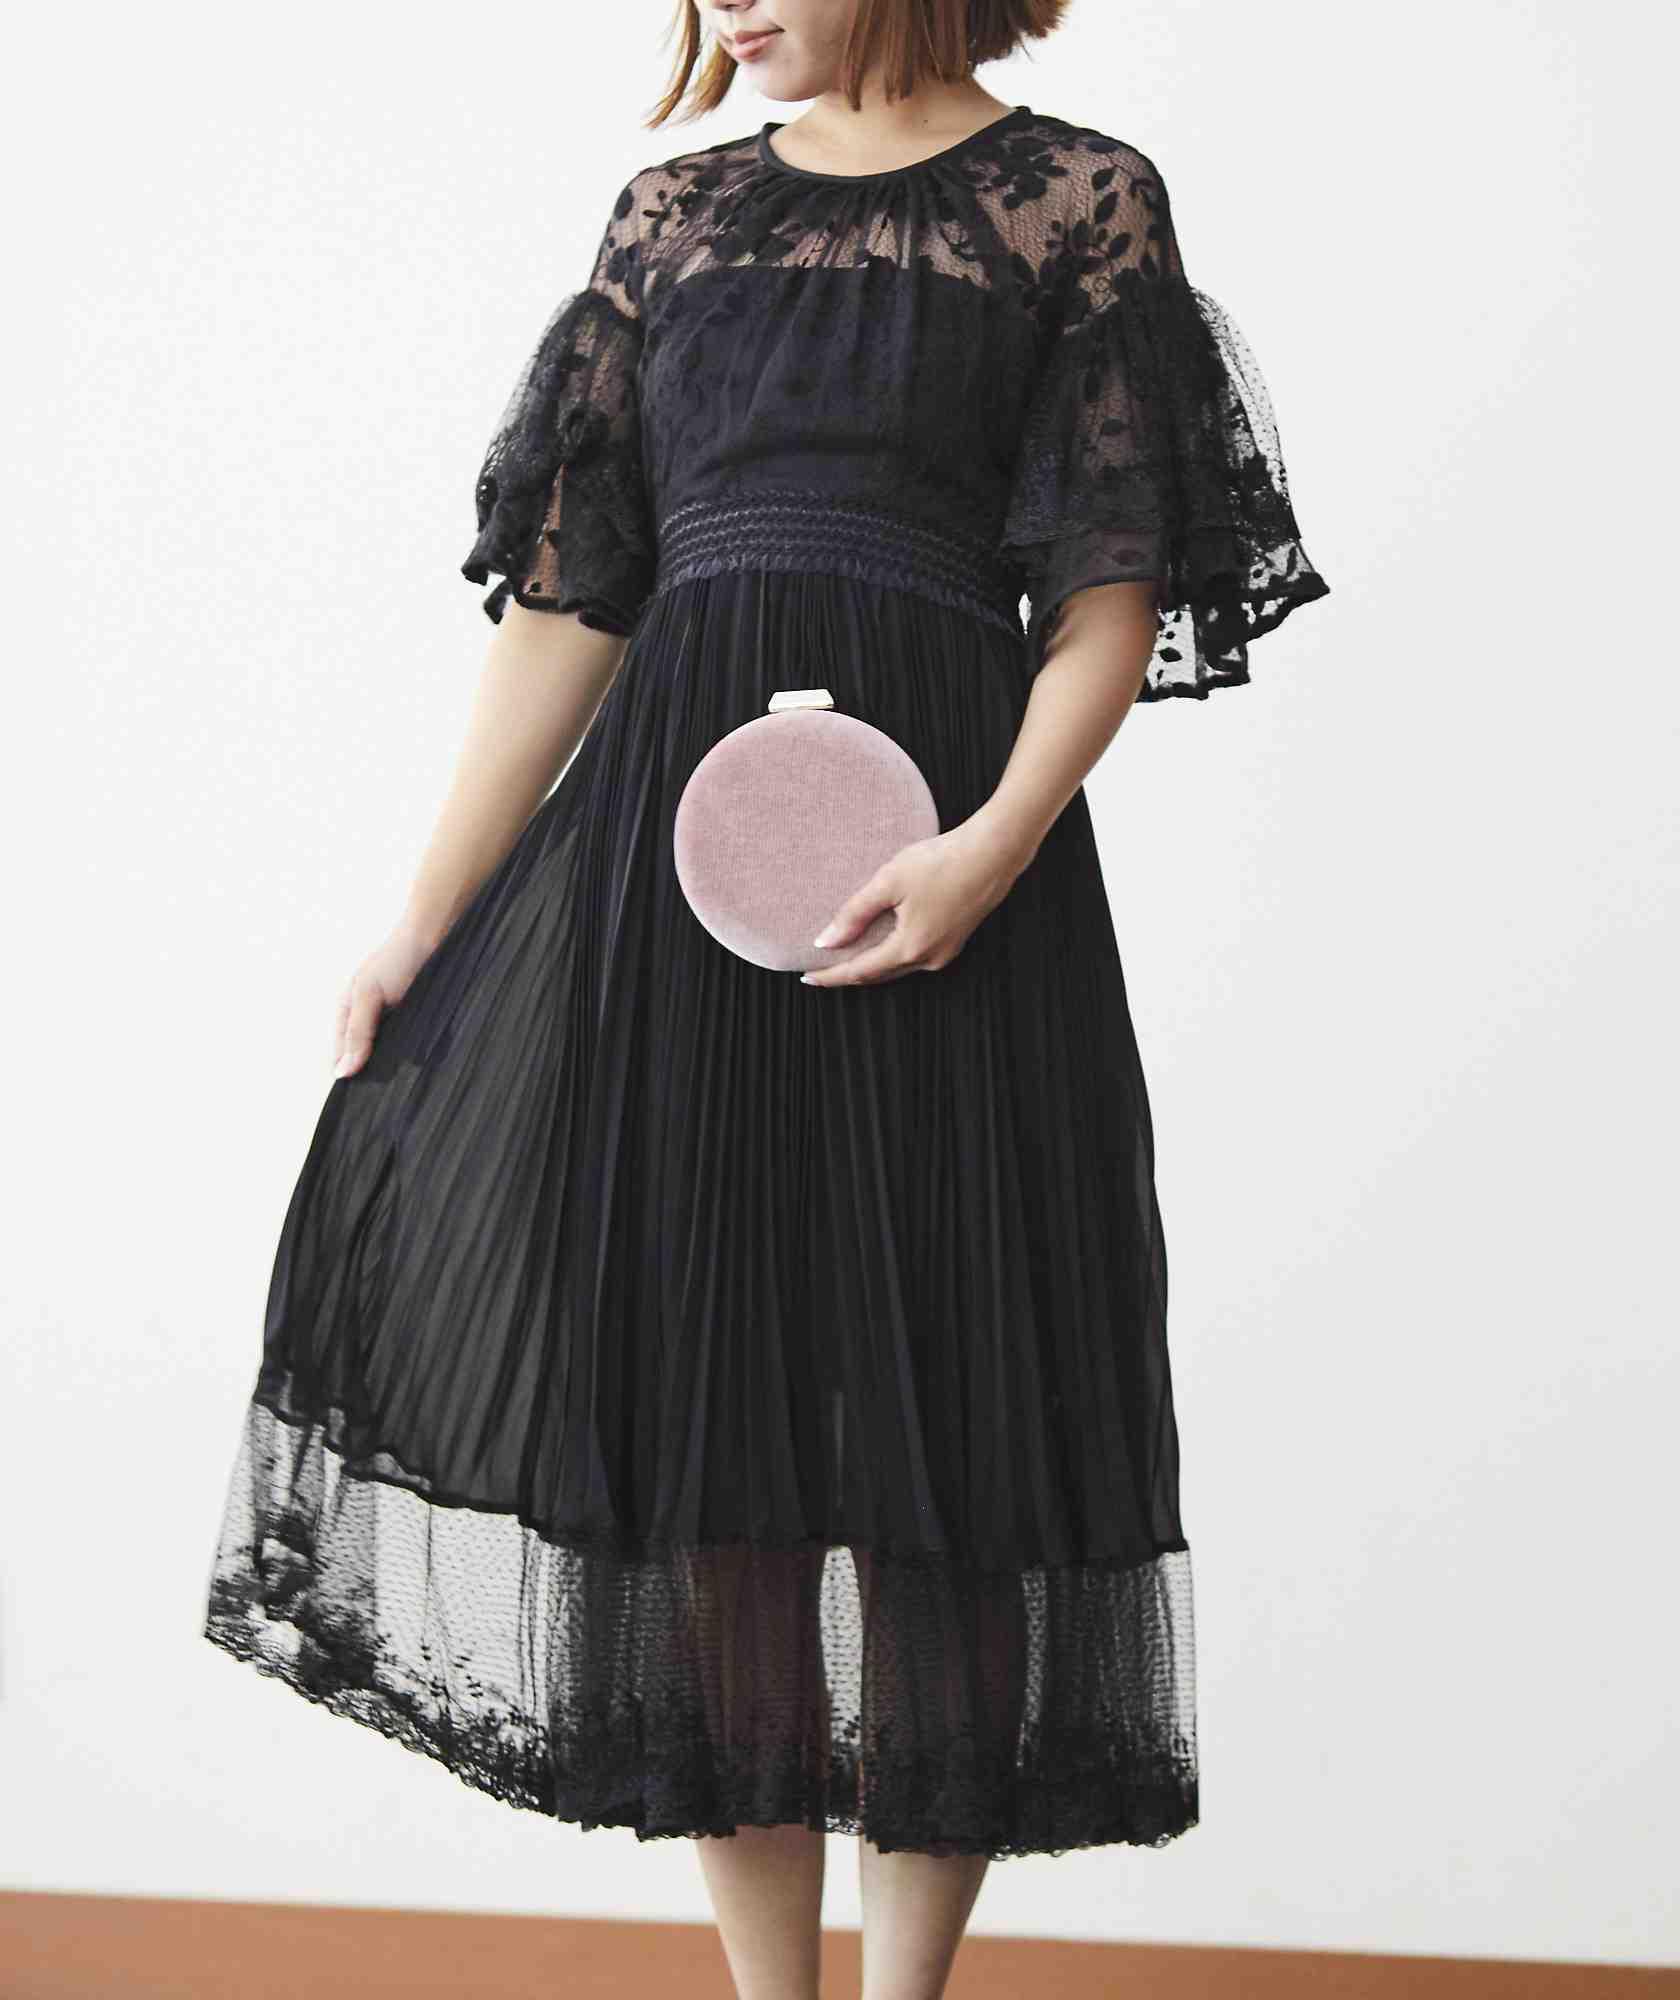 ボリューミースリーブレイヤードミディアムドレス-ブラック-S-M